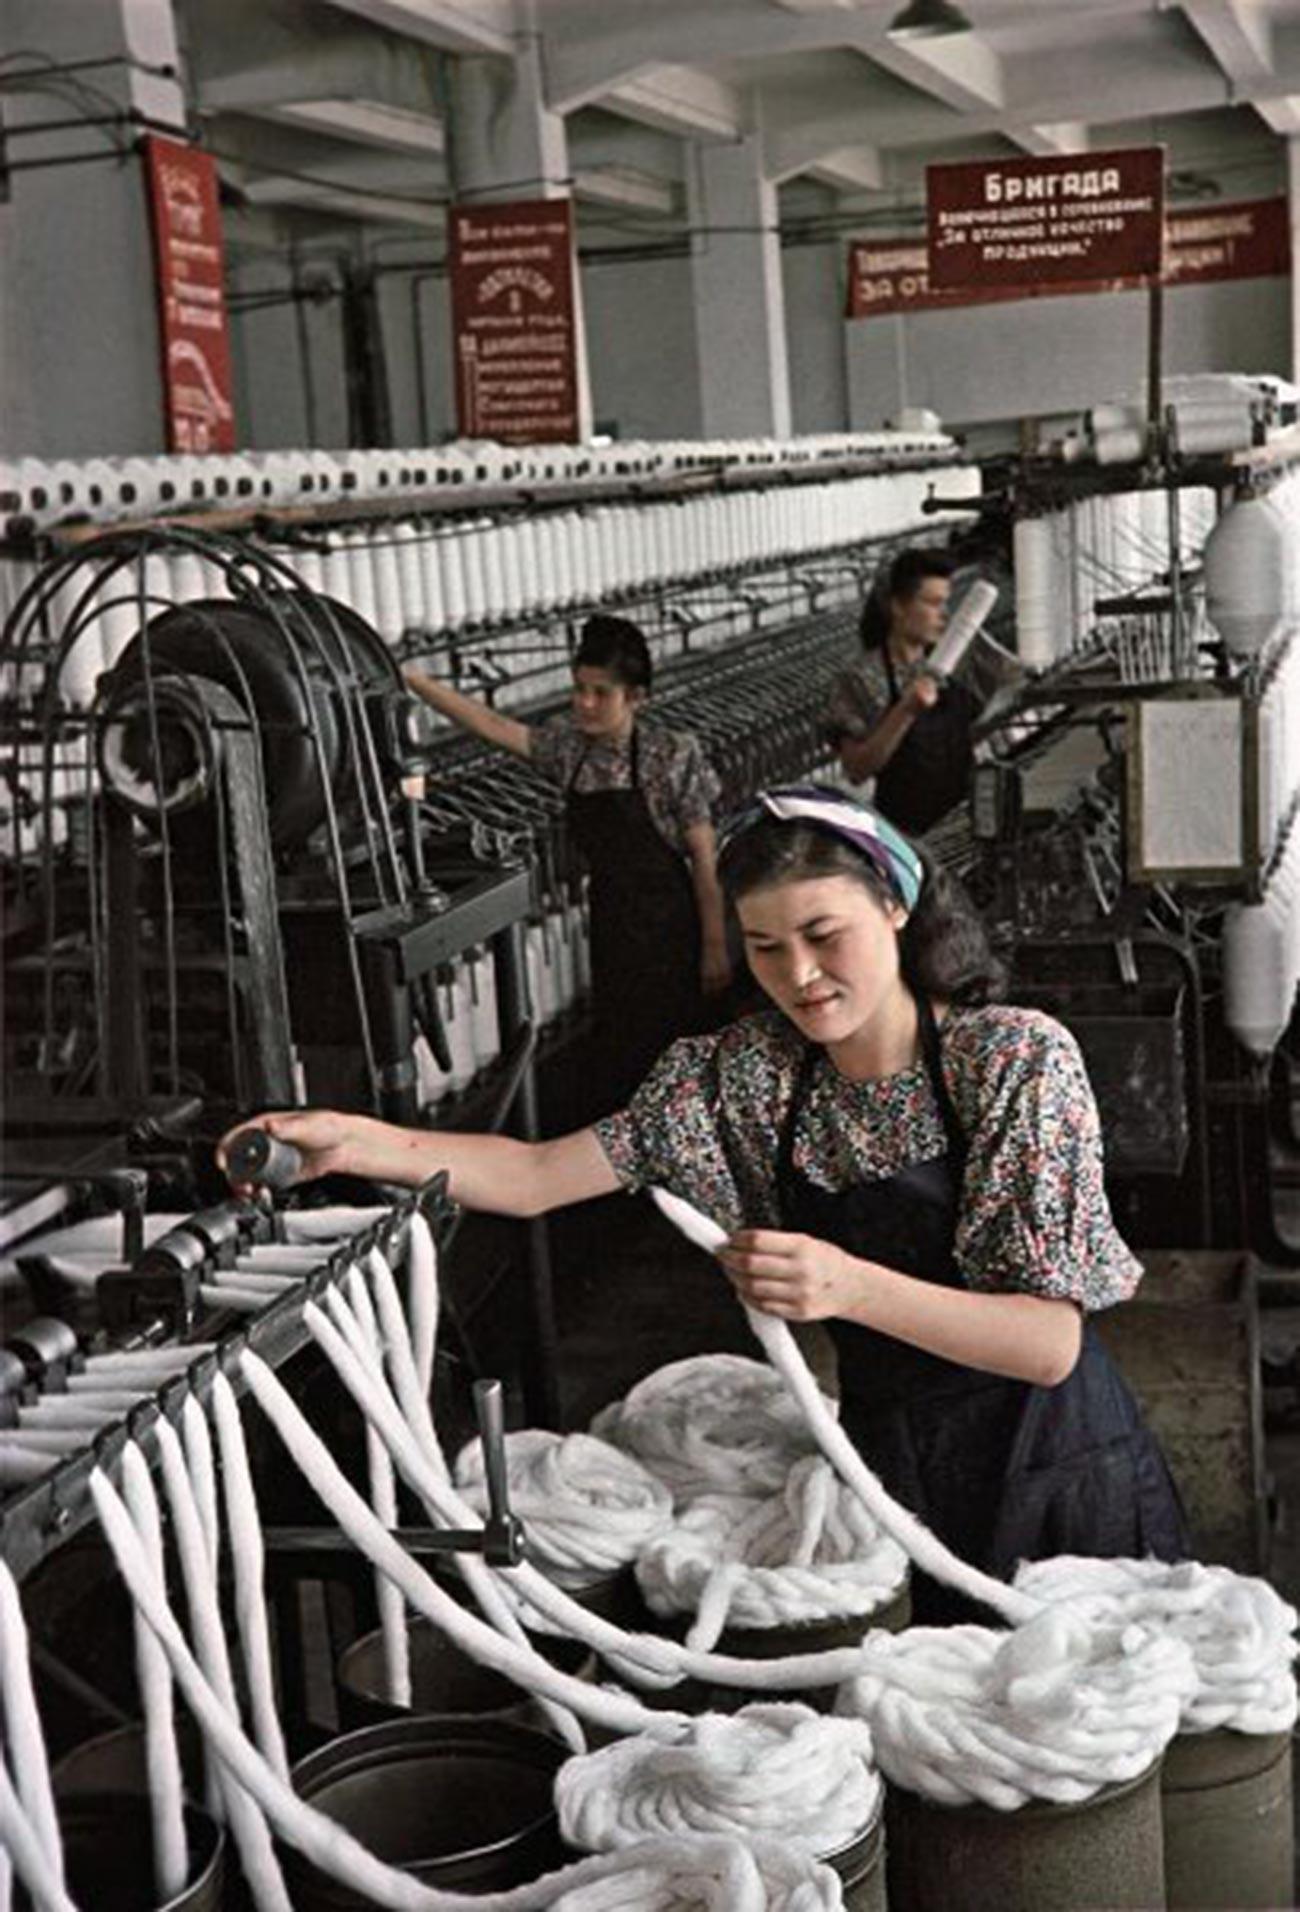 Stakhanov Maria Nasilbayeva, seorang pekerja di pabrik kapas Alma-Ata, yang besar di panti asuhan. Timnya memenuhi rencana produksi sebesar 200 persen. Foto ini adalah arsip majalah Ogonyok, 1950.